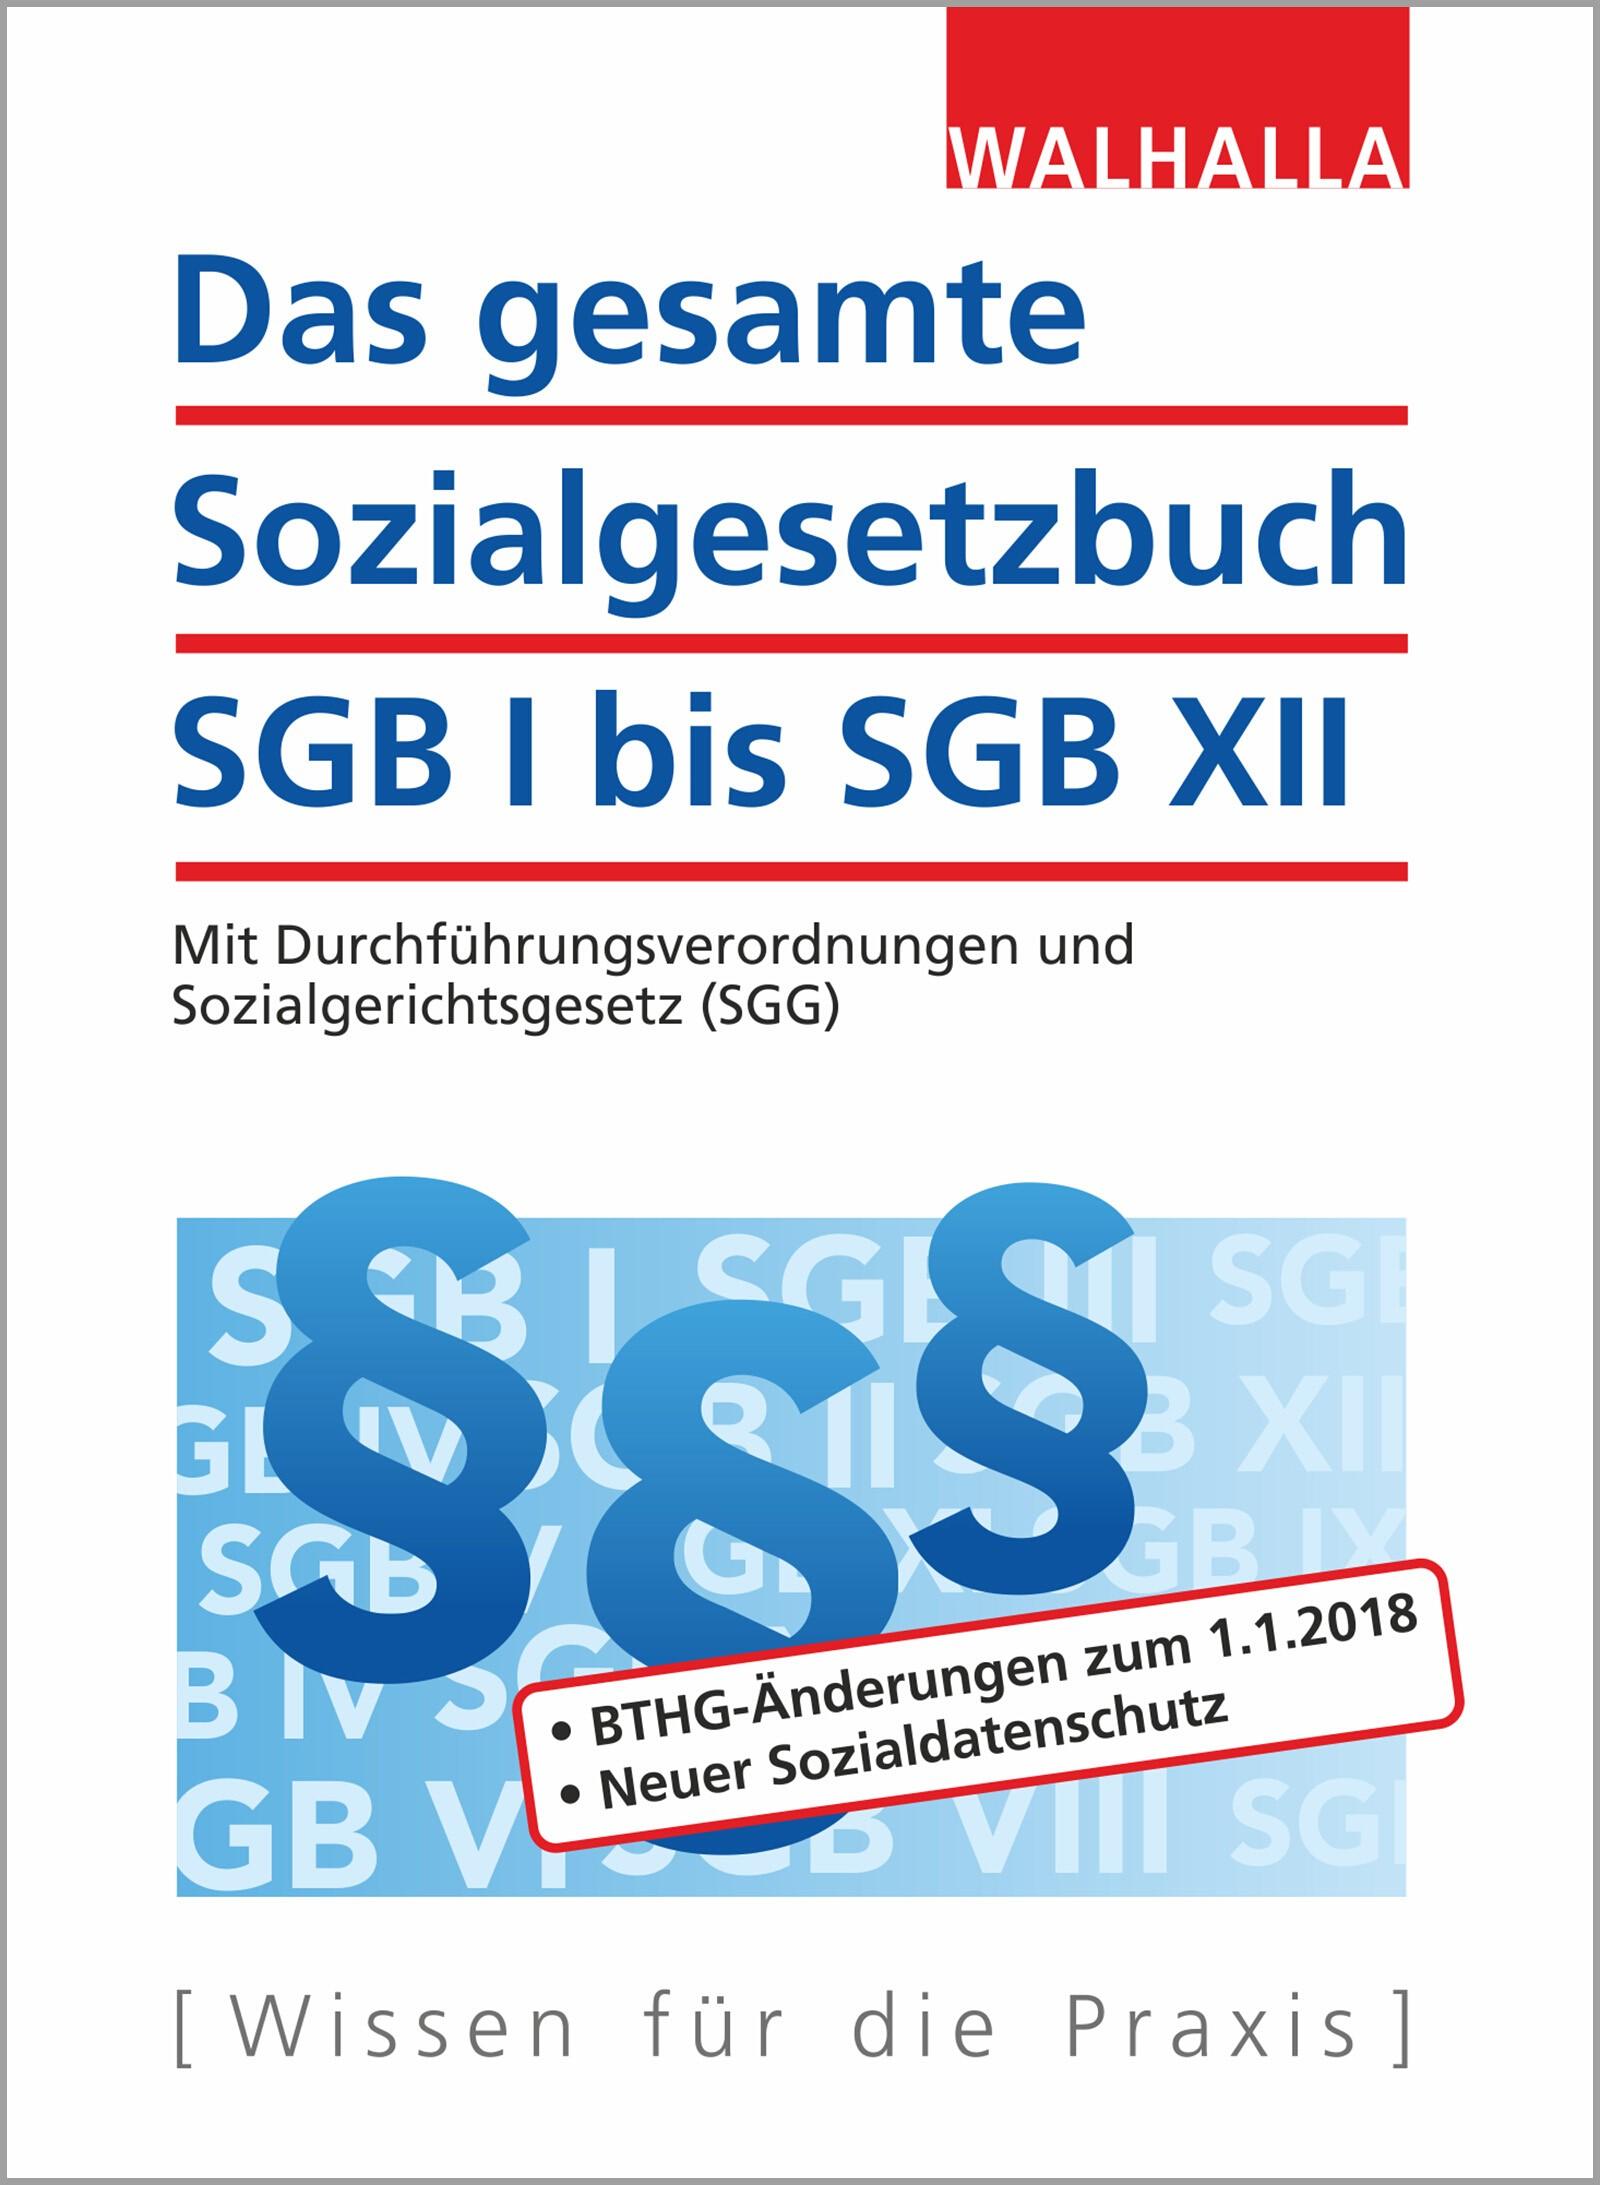 Das gesamte Sozialgesetzbuch SGB I bis SGB XII   Walhalla Fachredaktion   25. Auflage, 2018   Buch (Cover)